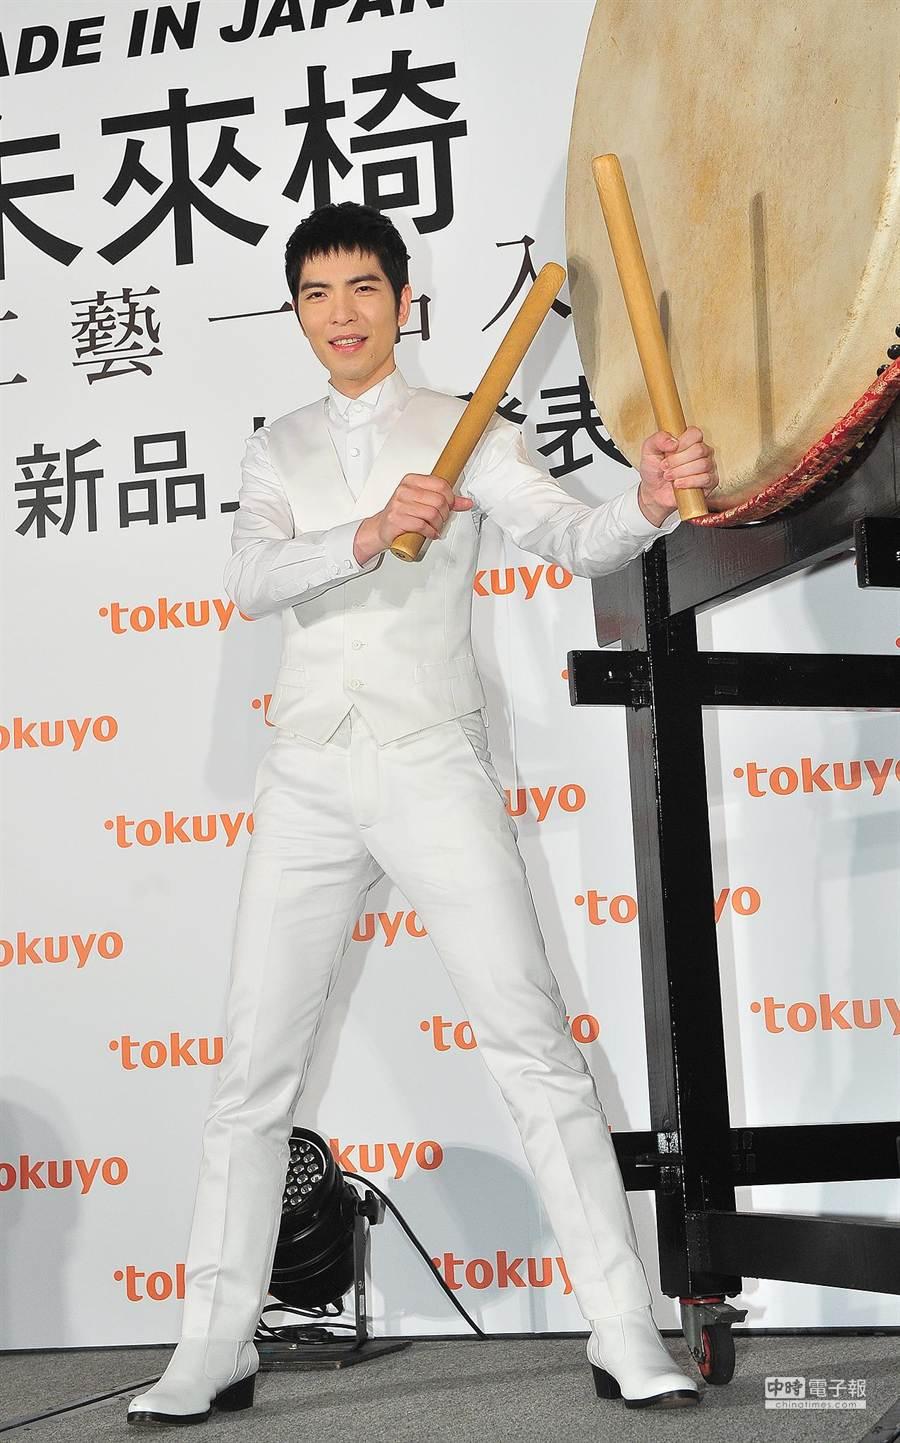 蕭敬騰代言tokuyo按摩椅,即興擺pose拍照。(盧禕祺攝)